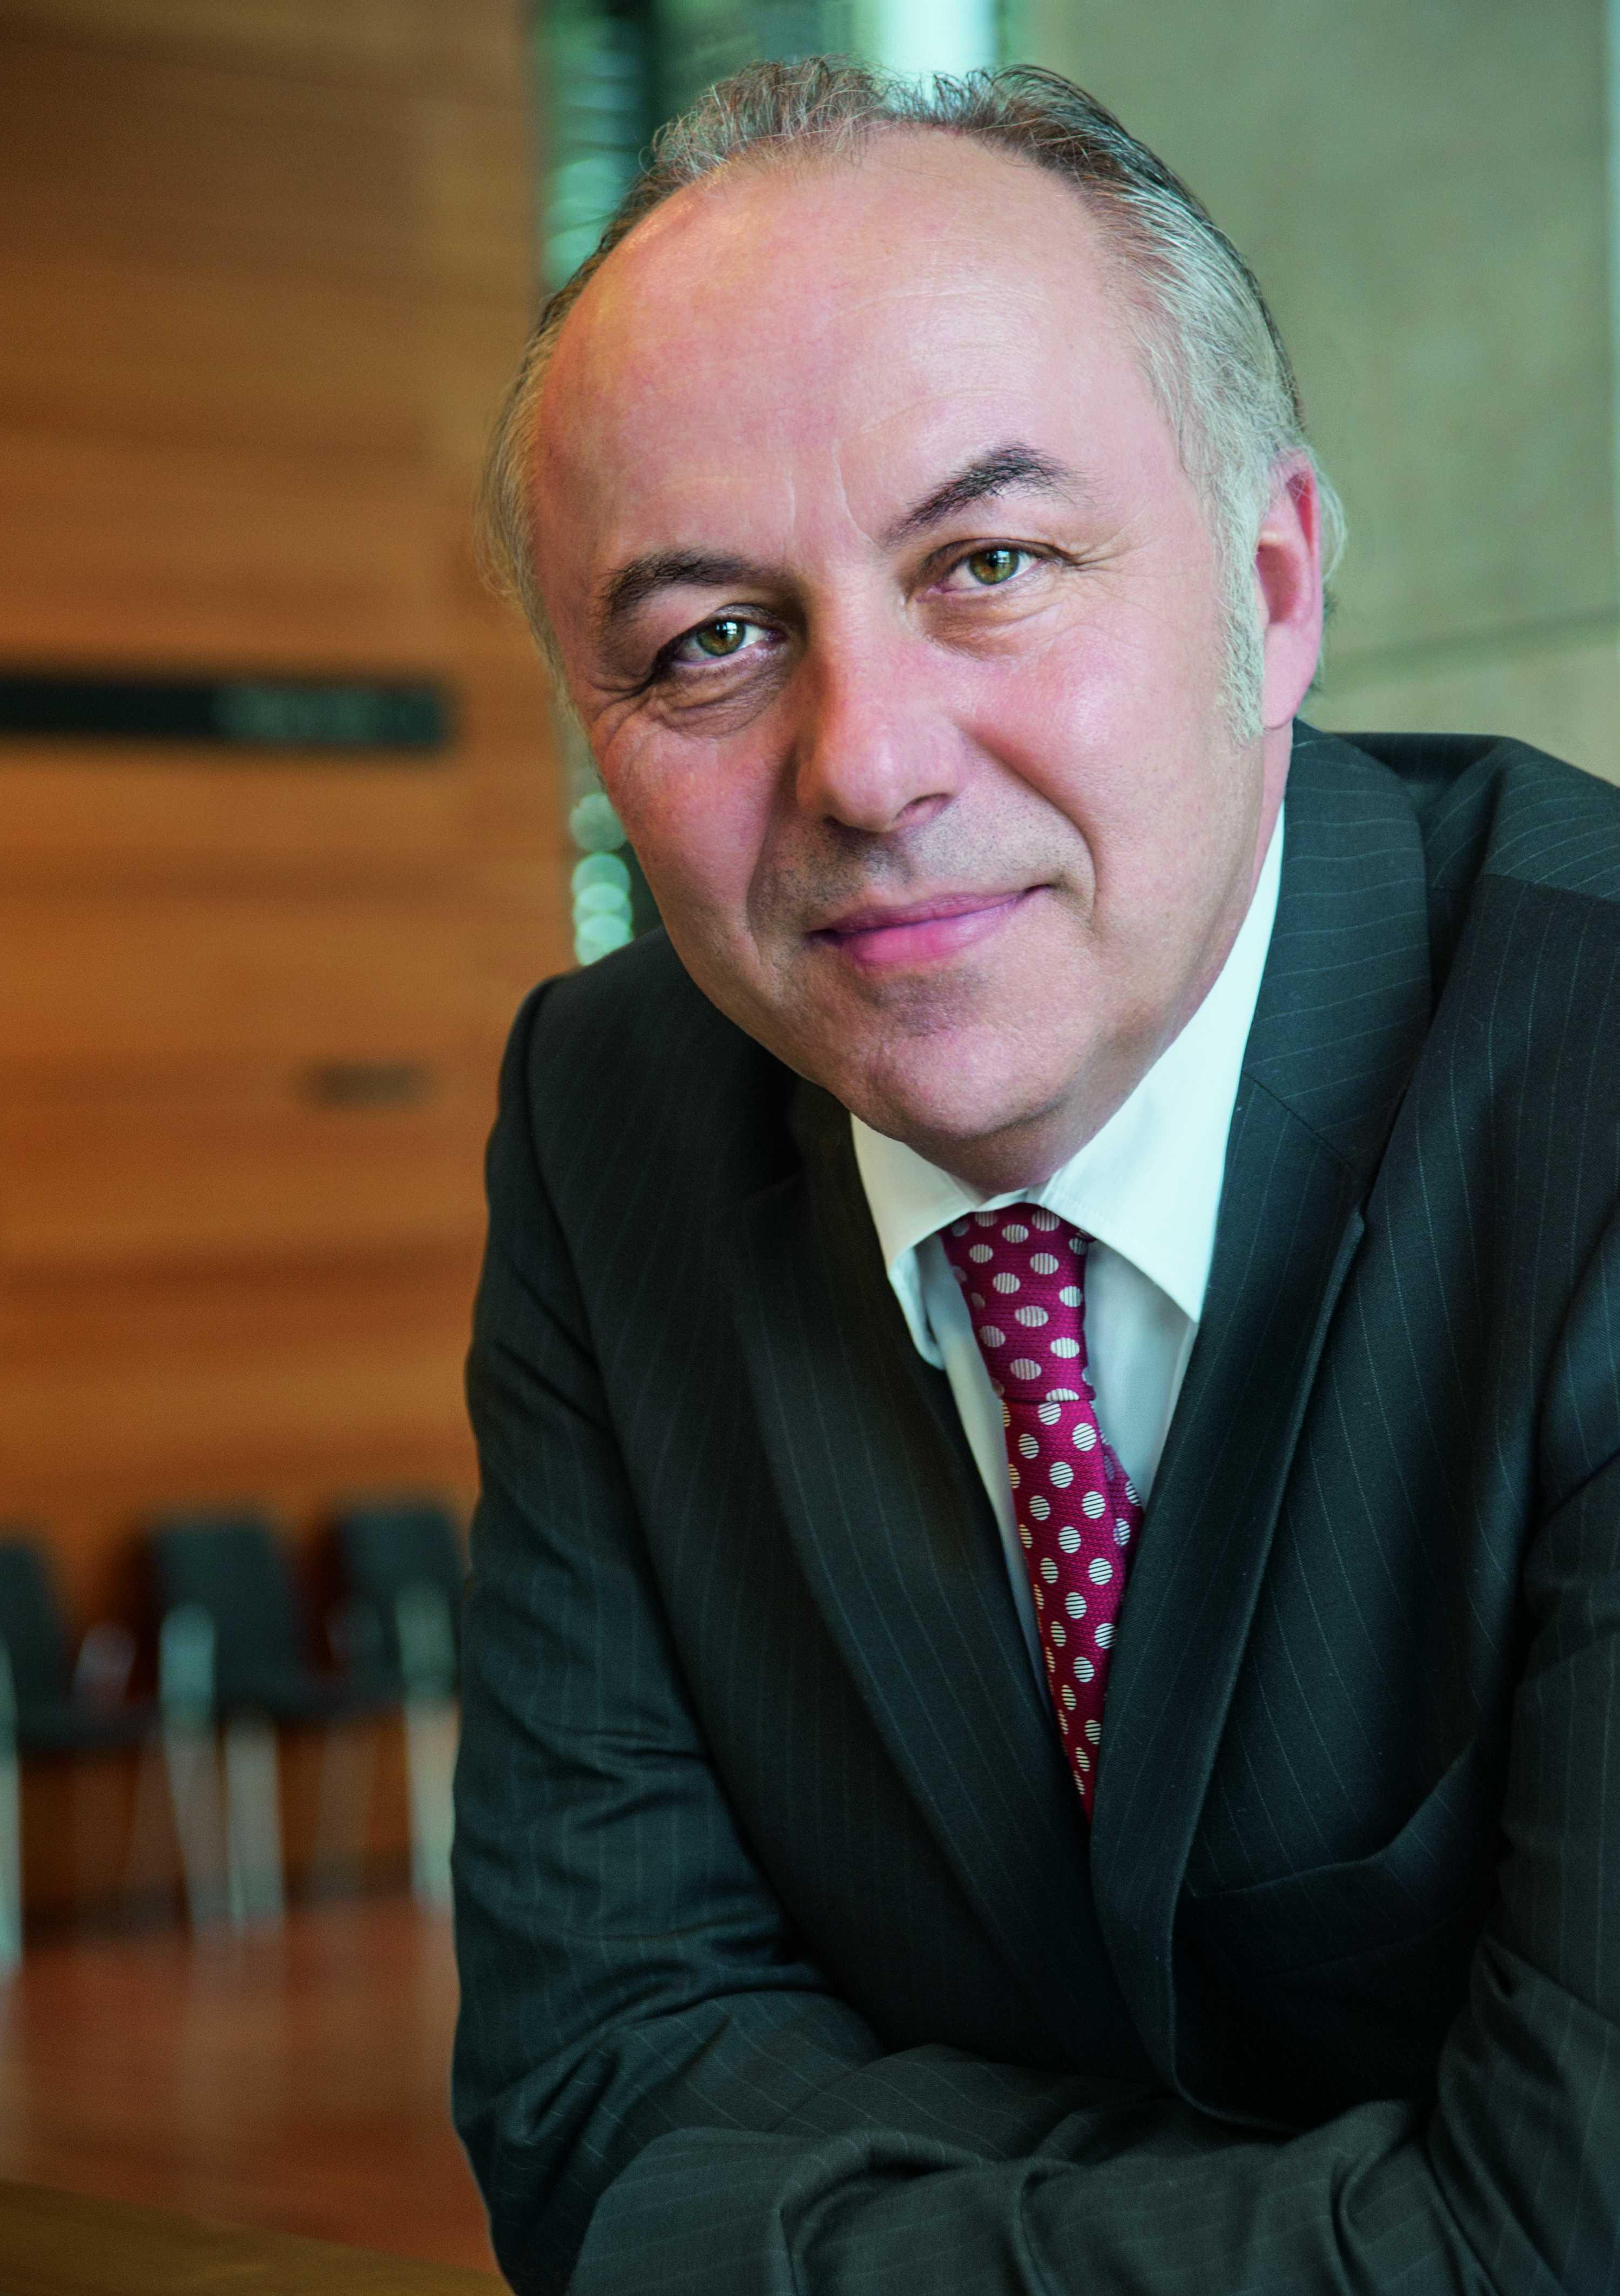 Staatssekretär Matthias Machnig: Digitalisierung gestalten